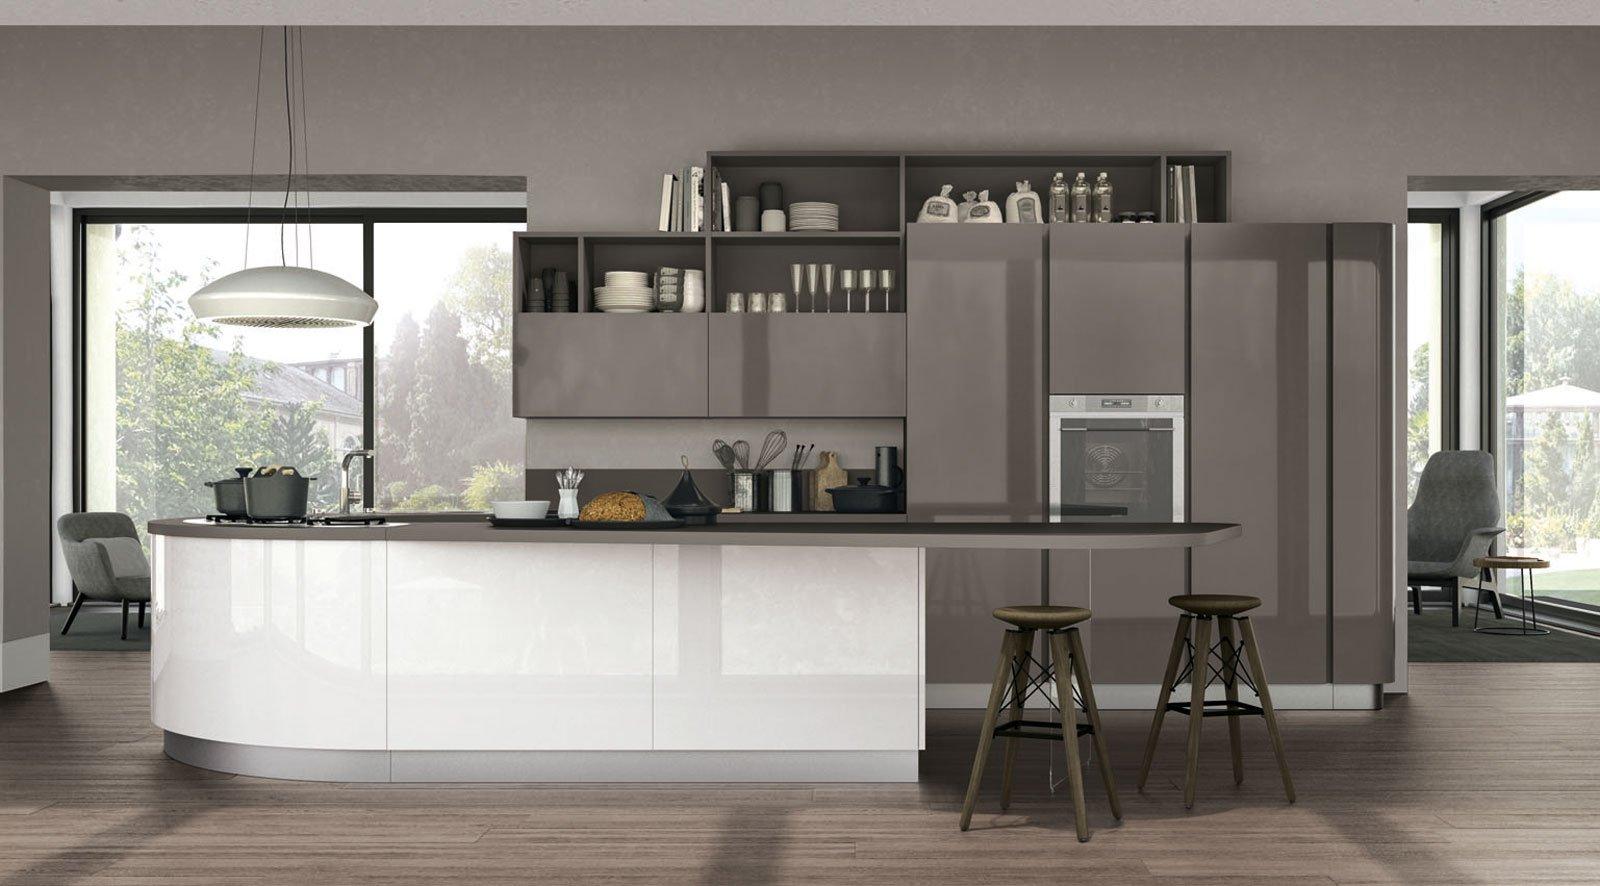 Cucine in grigio di inaspettata freschezza novit - Top cucina in vetro ...